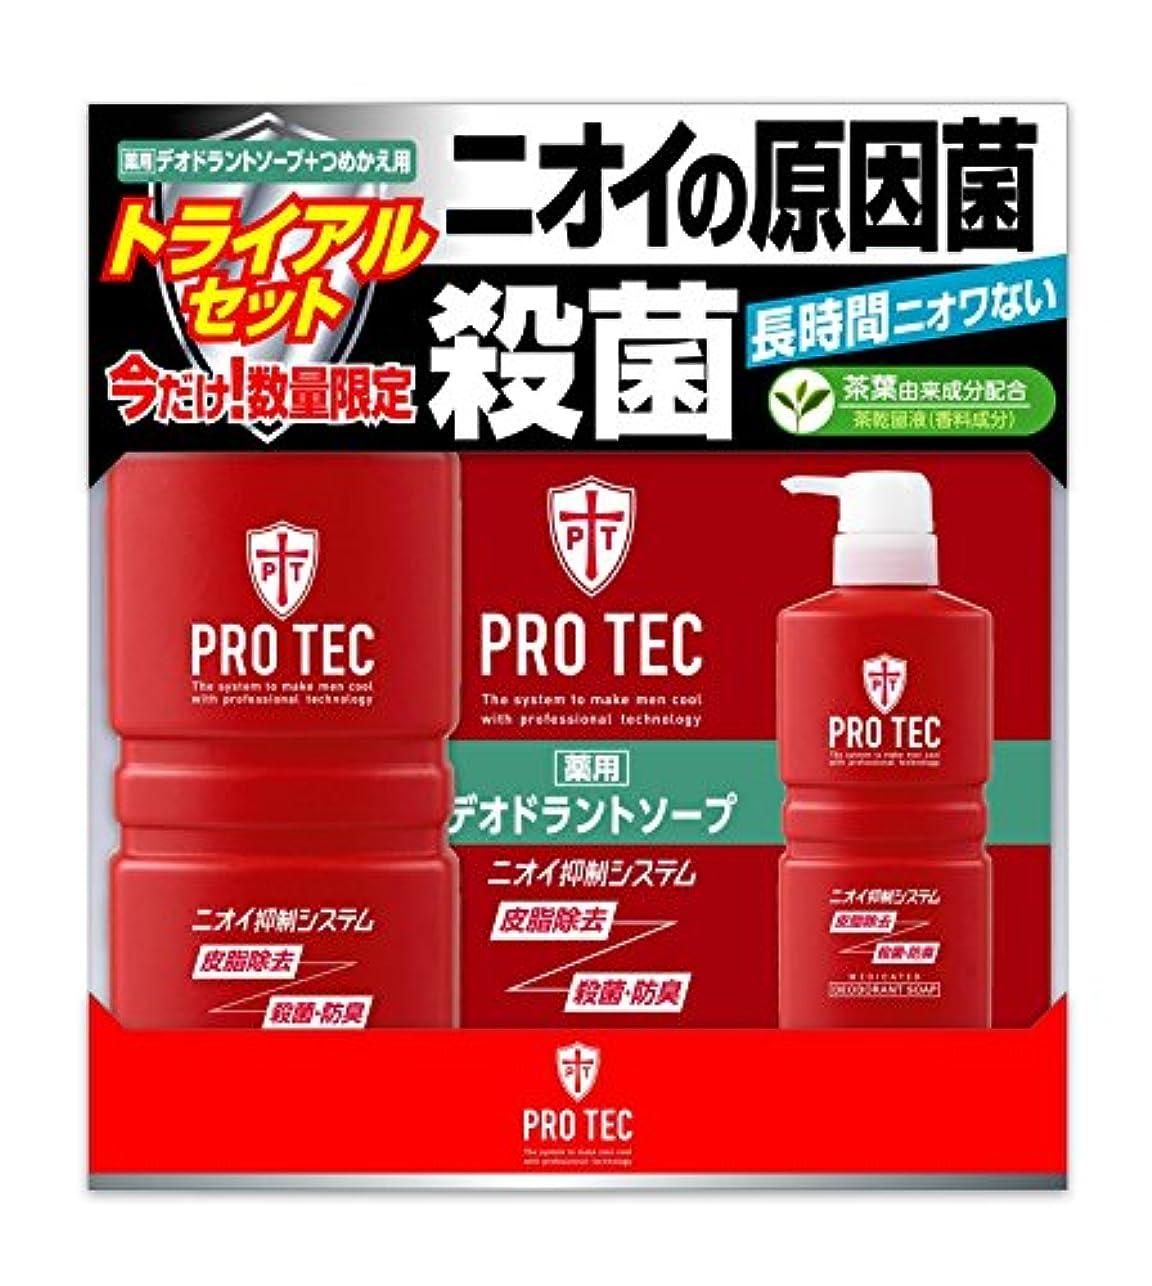 パッド蒸発売るPRO TEC(プロテク) デオドラントソープ 本体420ml+詰替330ml セット[医薬部外品]